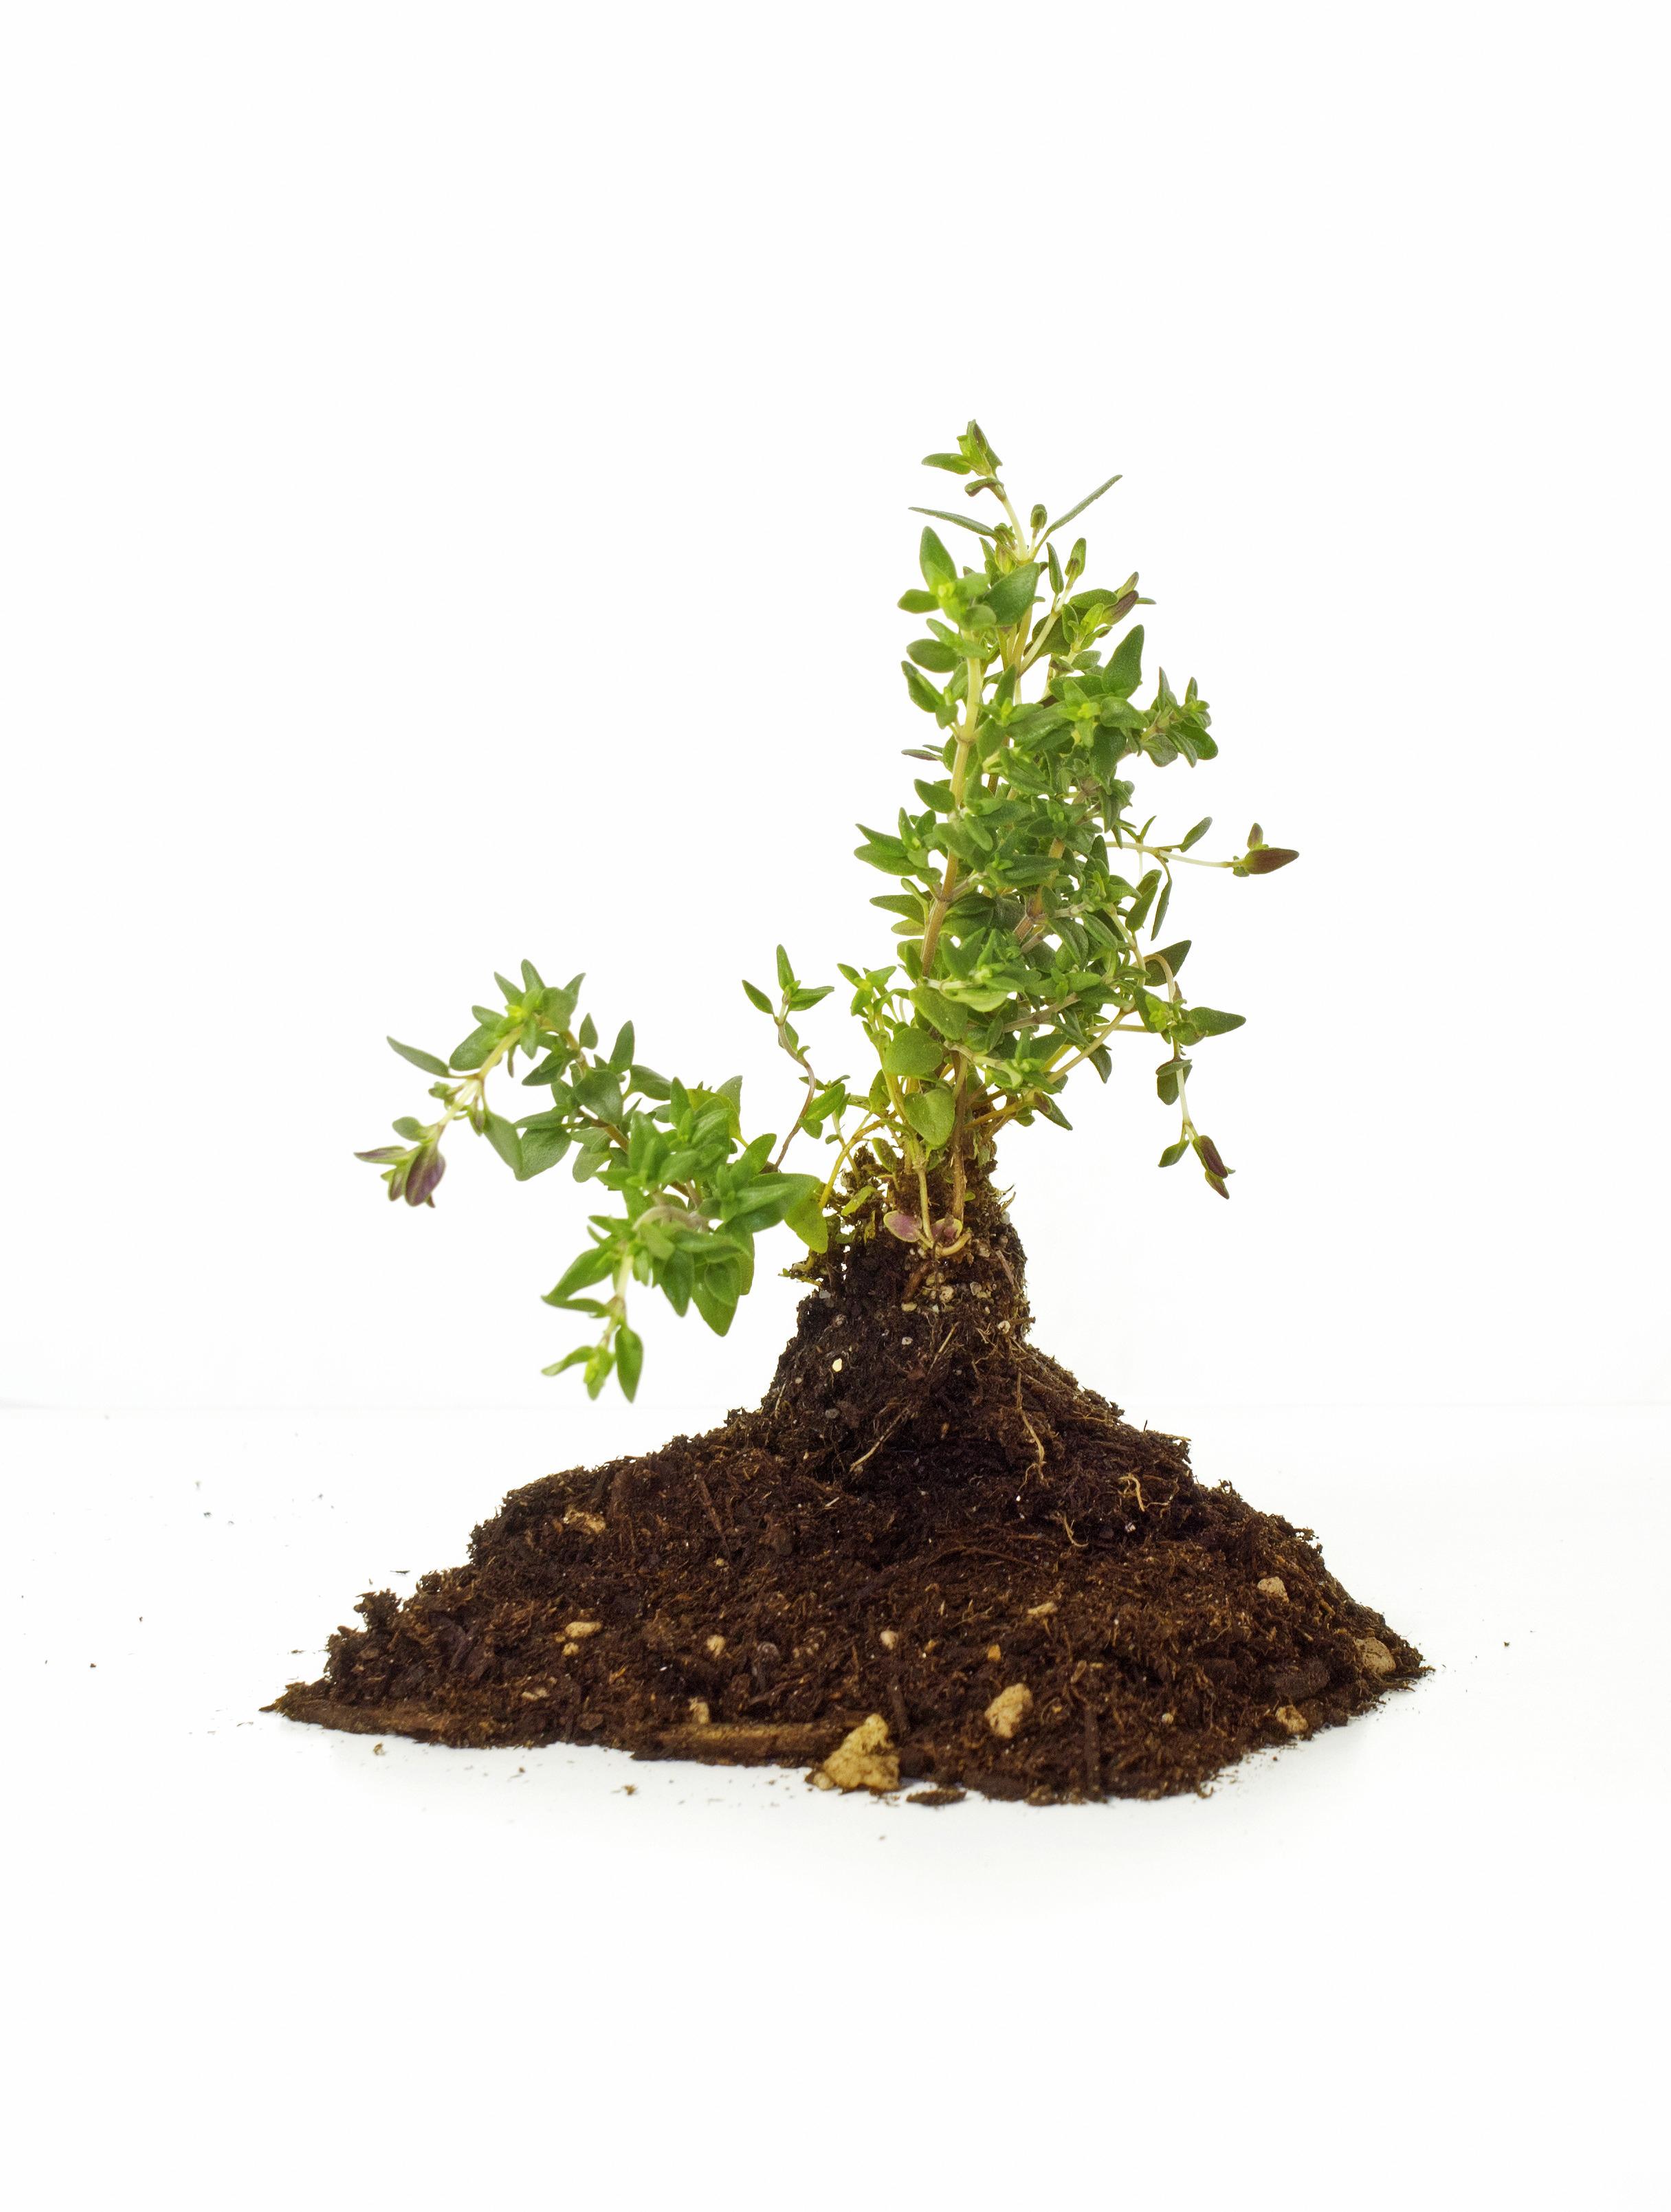 growing-plant-in-soil-172_GkV3cIKO.jpg